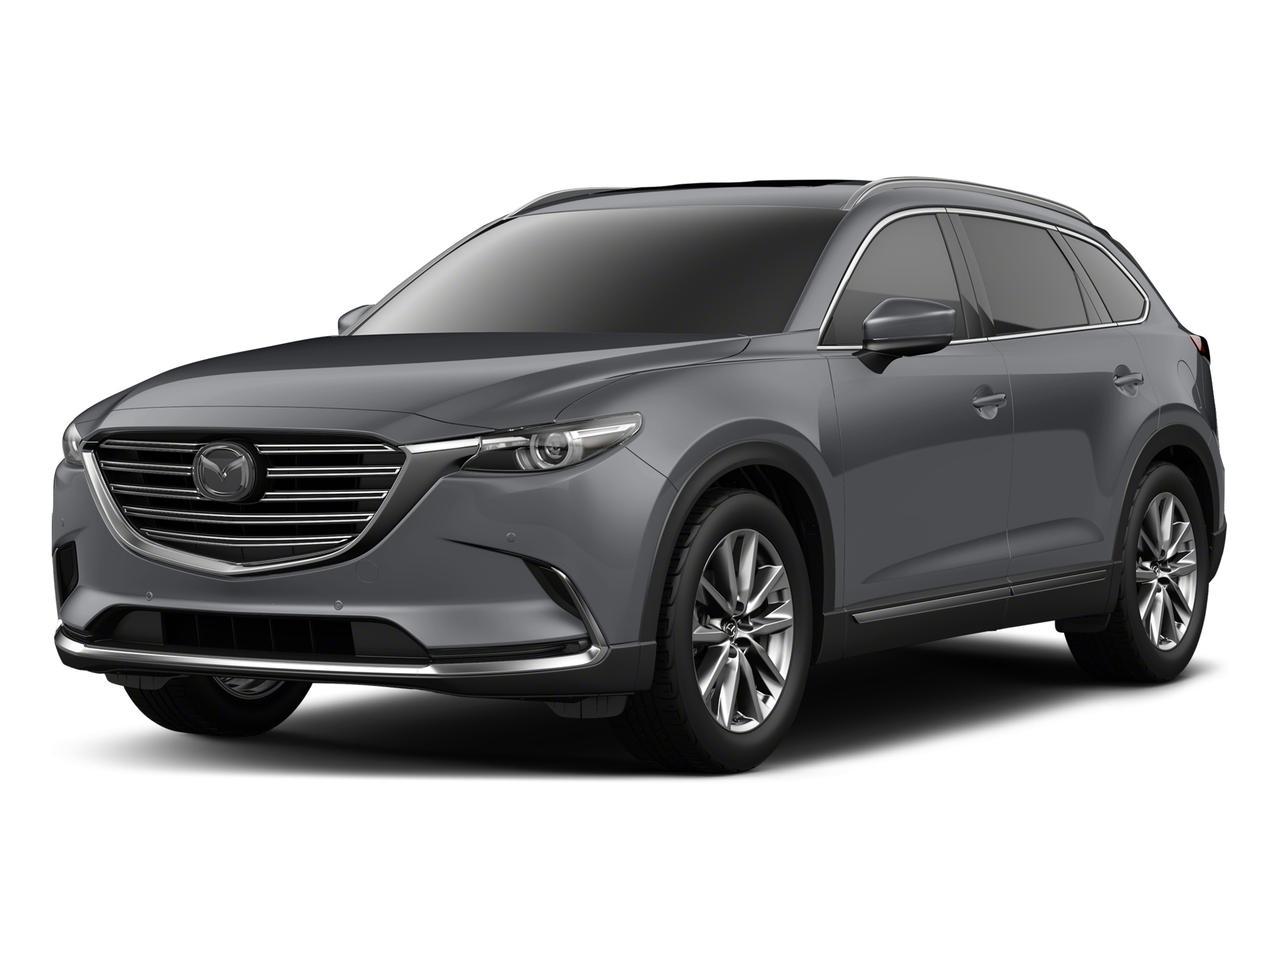 2018 Mazda CX-9 Vehicle Photo in Appleton, WI 54913